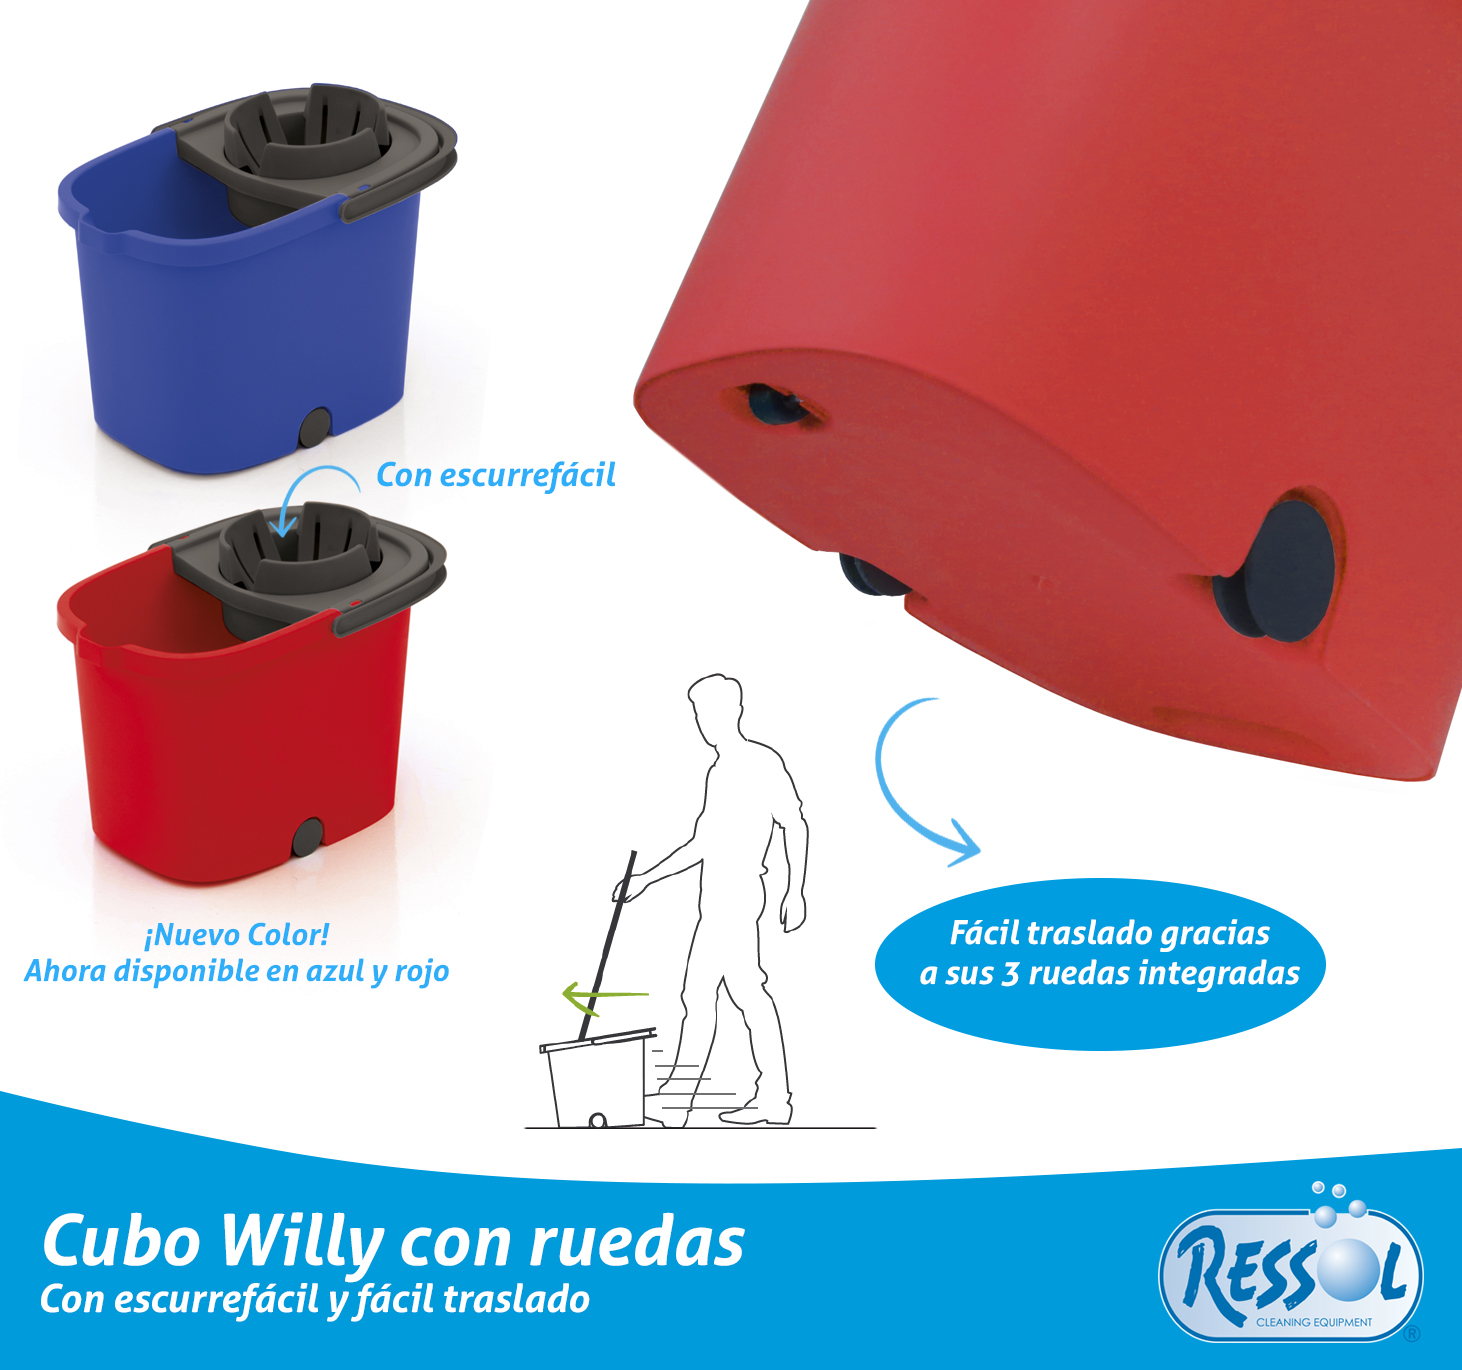 Cubo Willy Ruedas Ressol